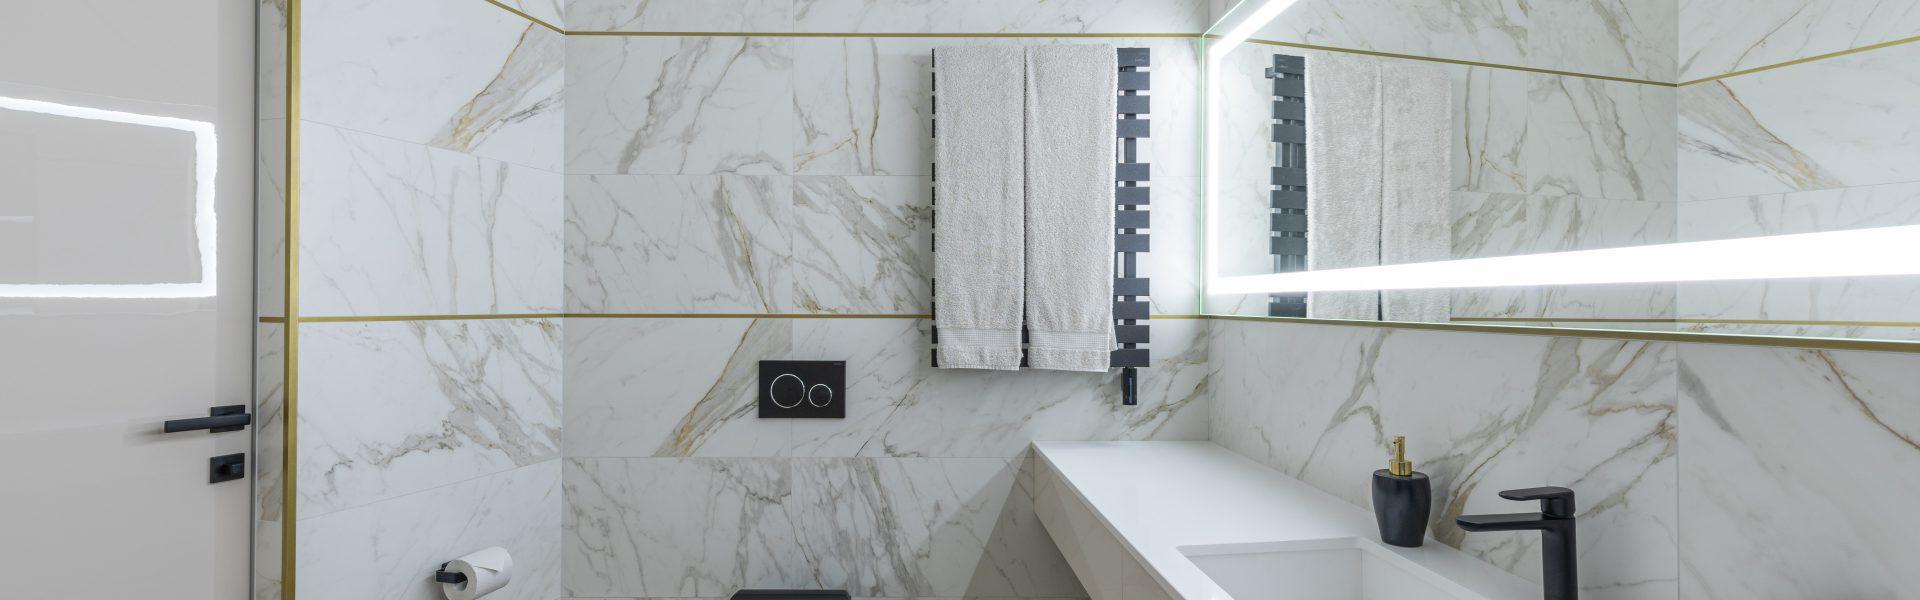 dekoracyjnych płytki do łazienki